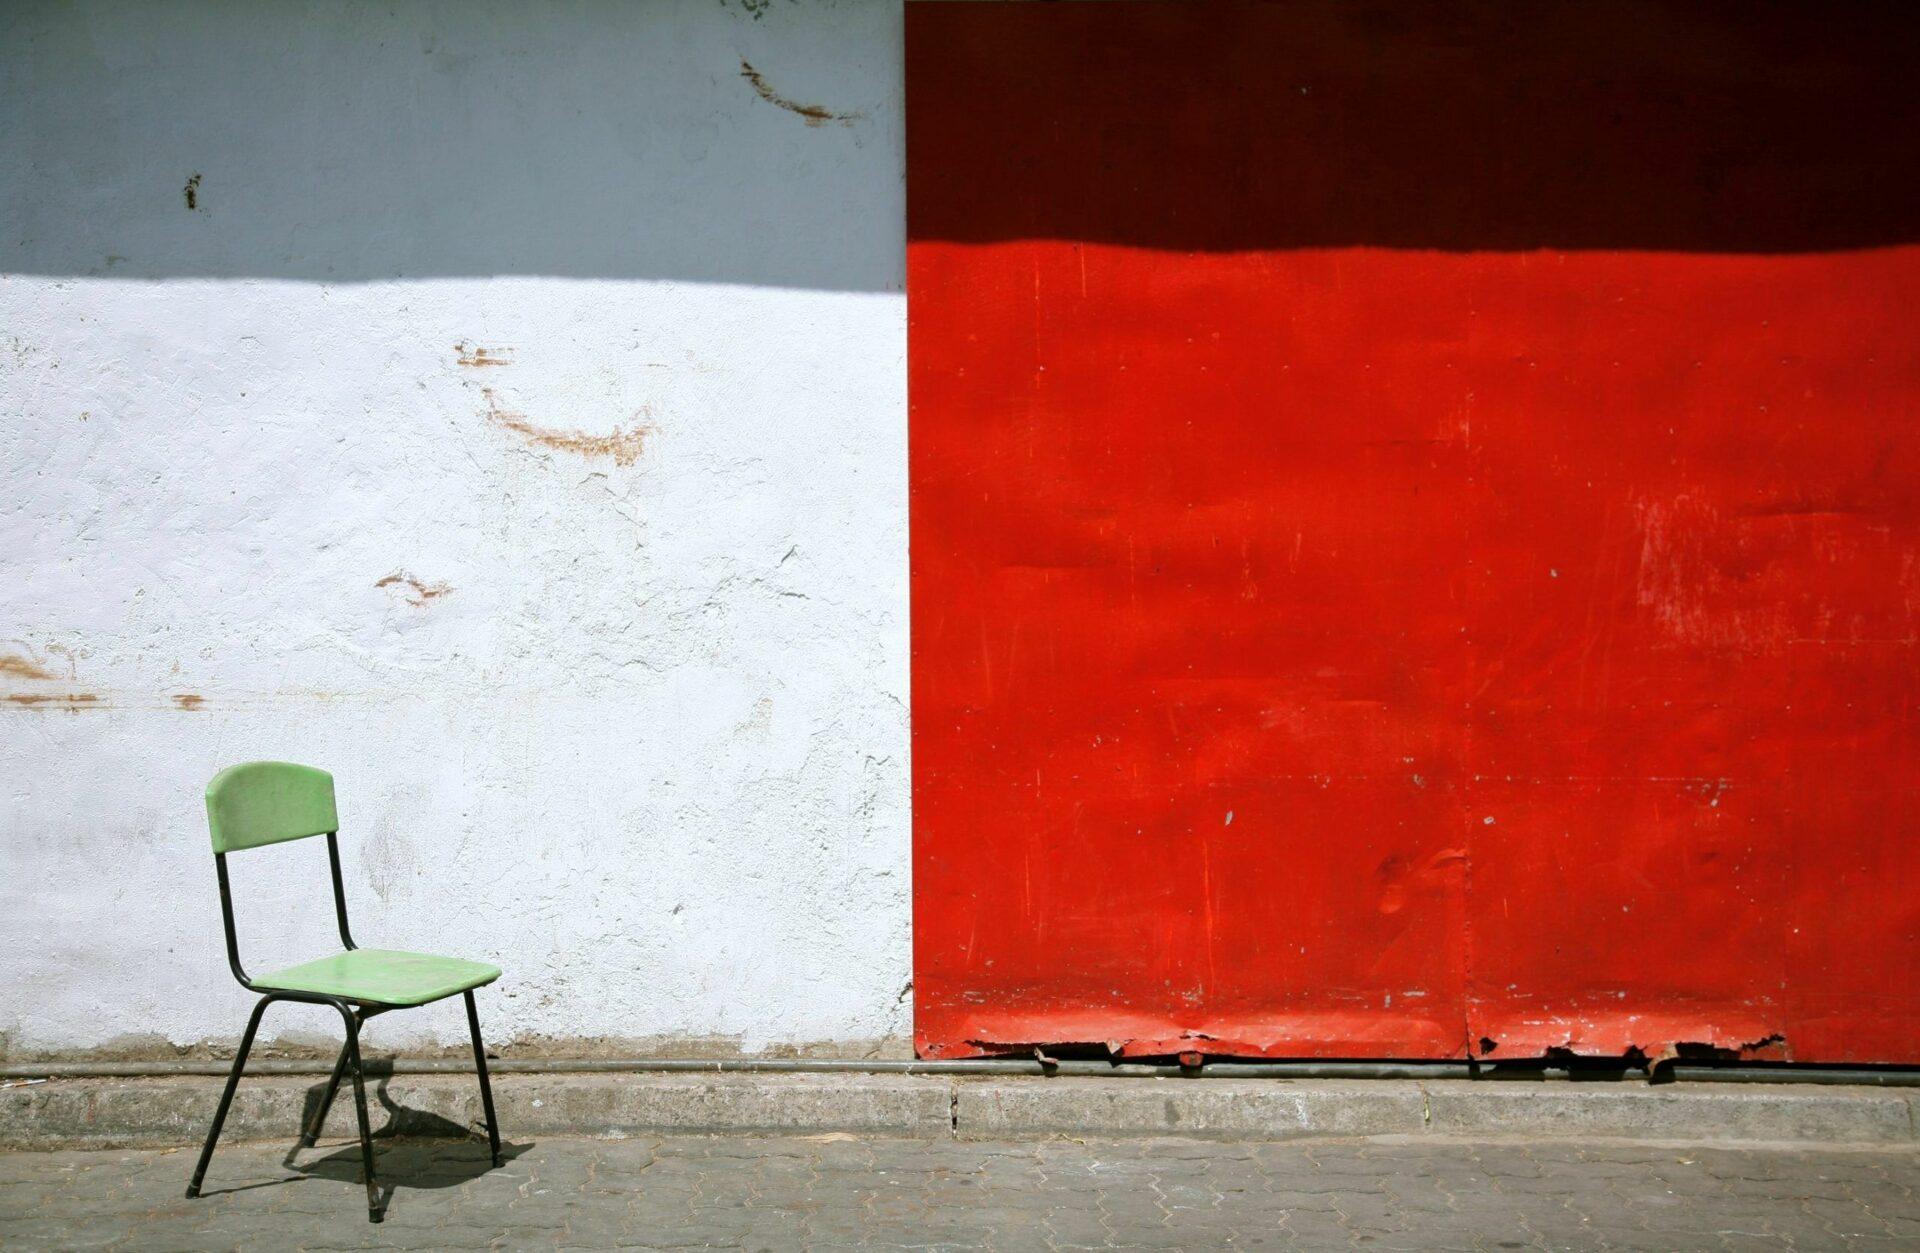 painting-white-red-wall-chair, Und-Oder-Nicht Ketten auflösen